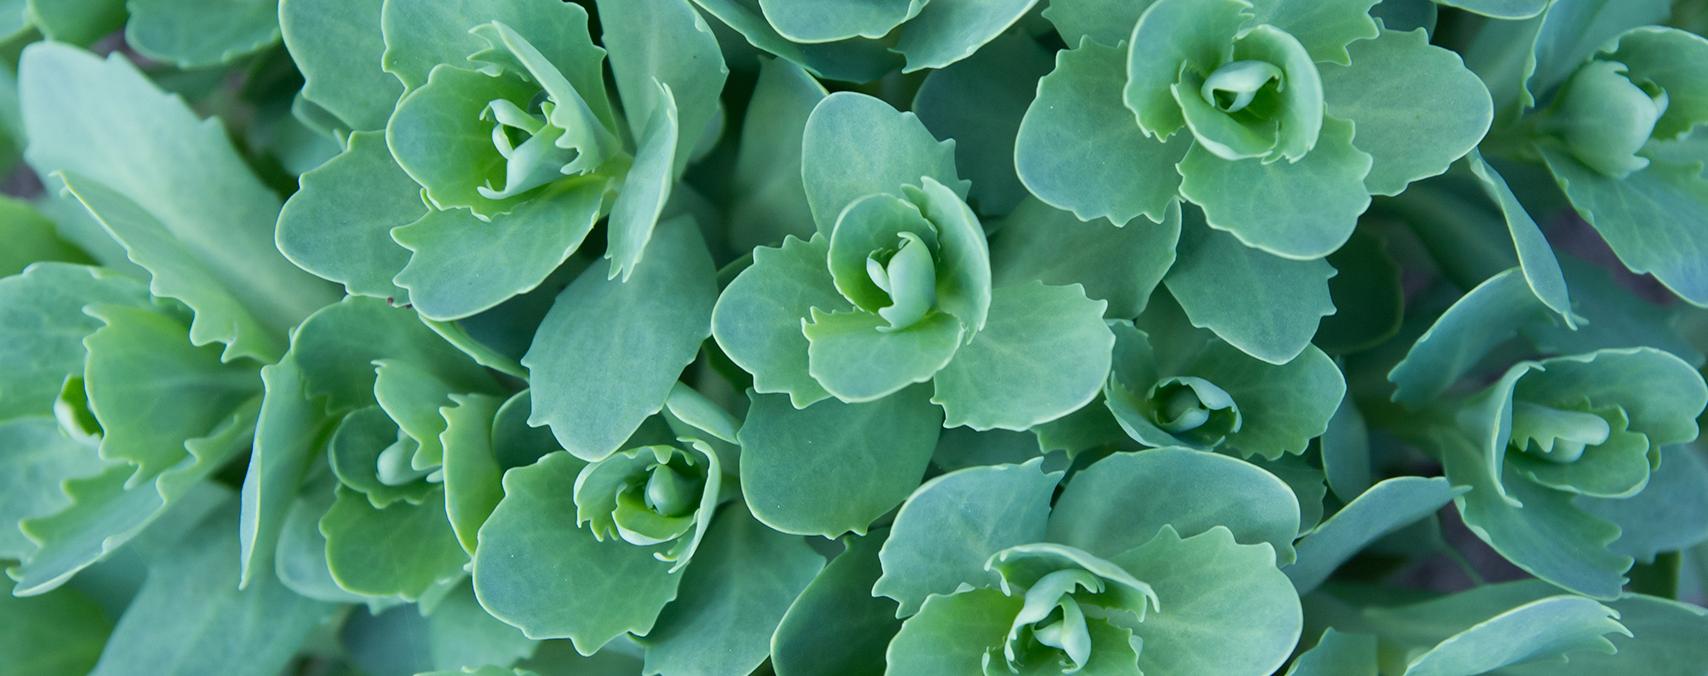 Sedum Spurium 'Roseum' Succulent